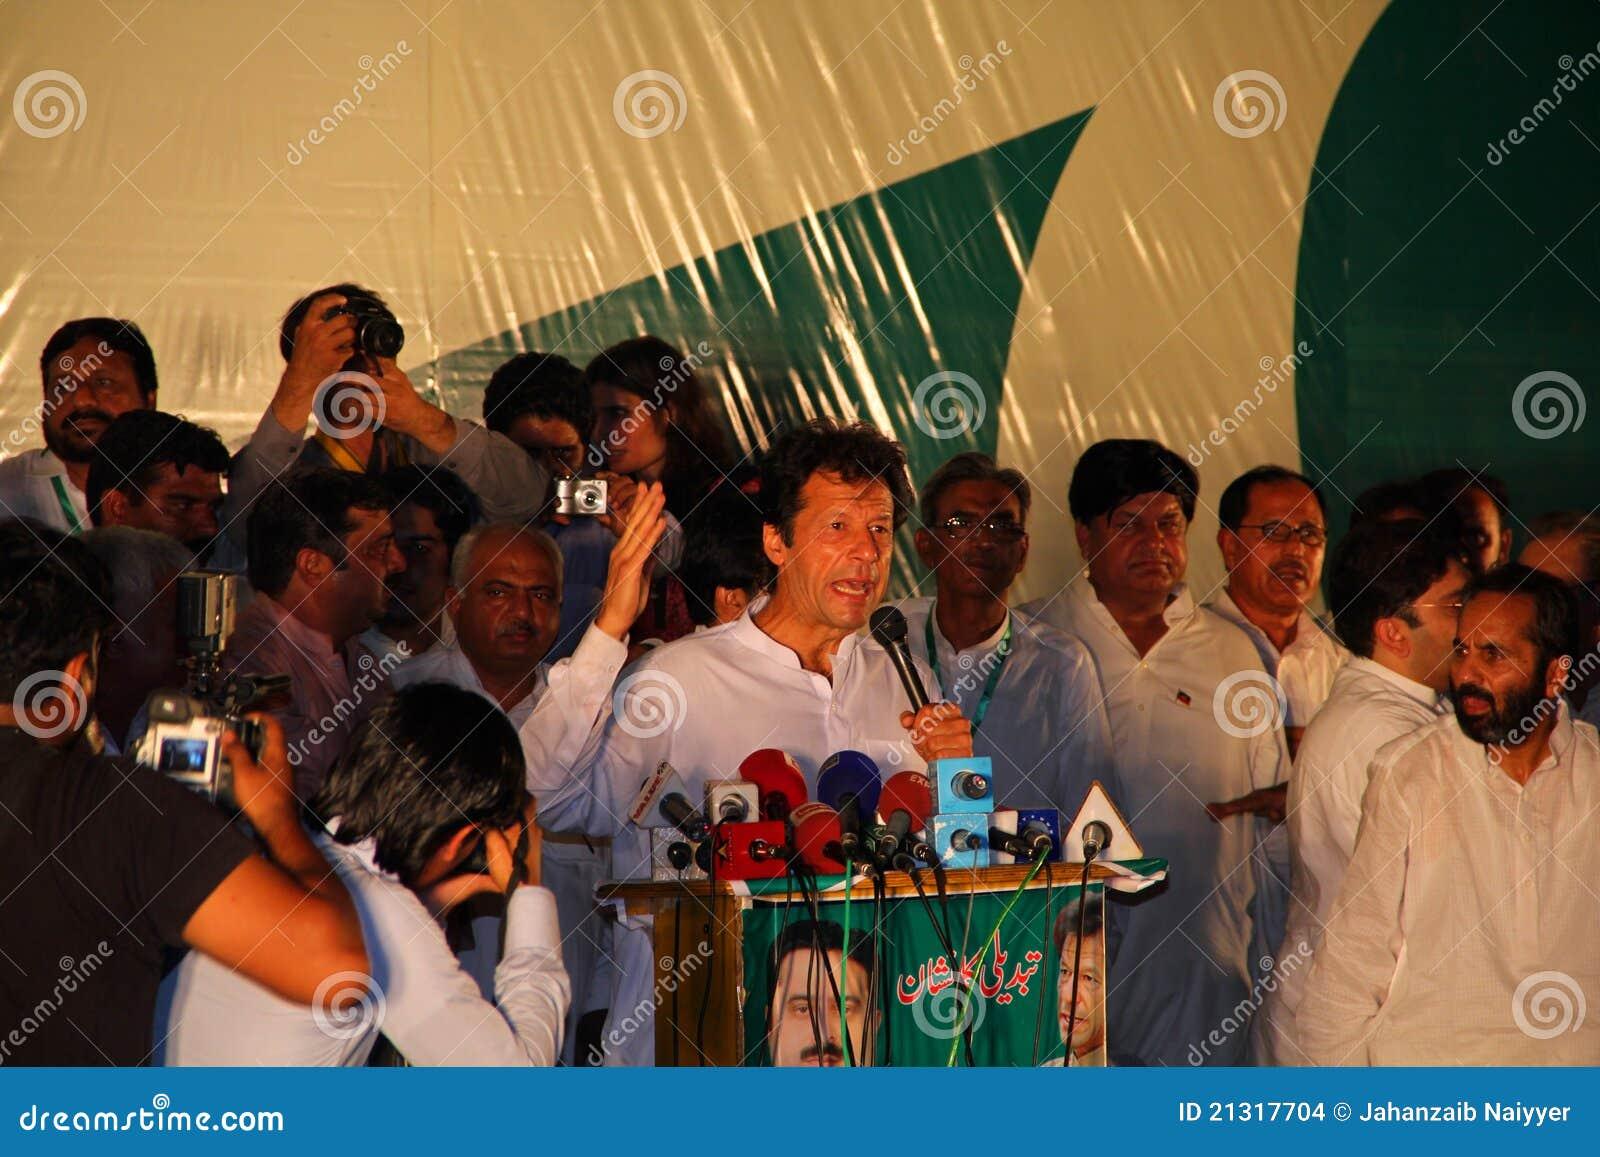 Imran wiec khan polityczny